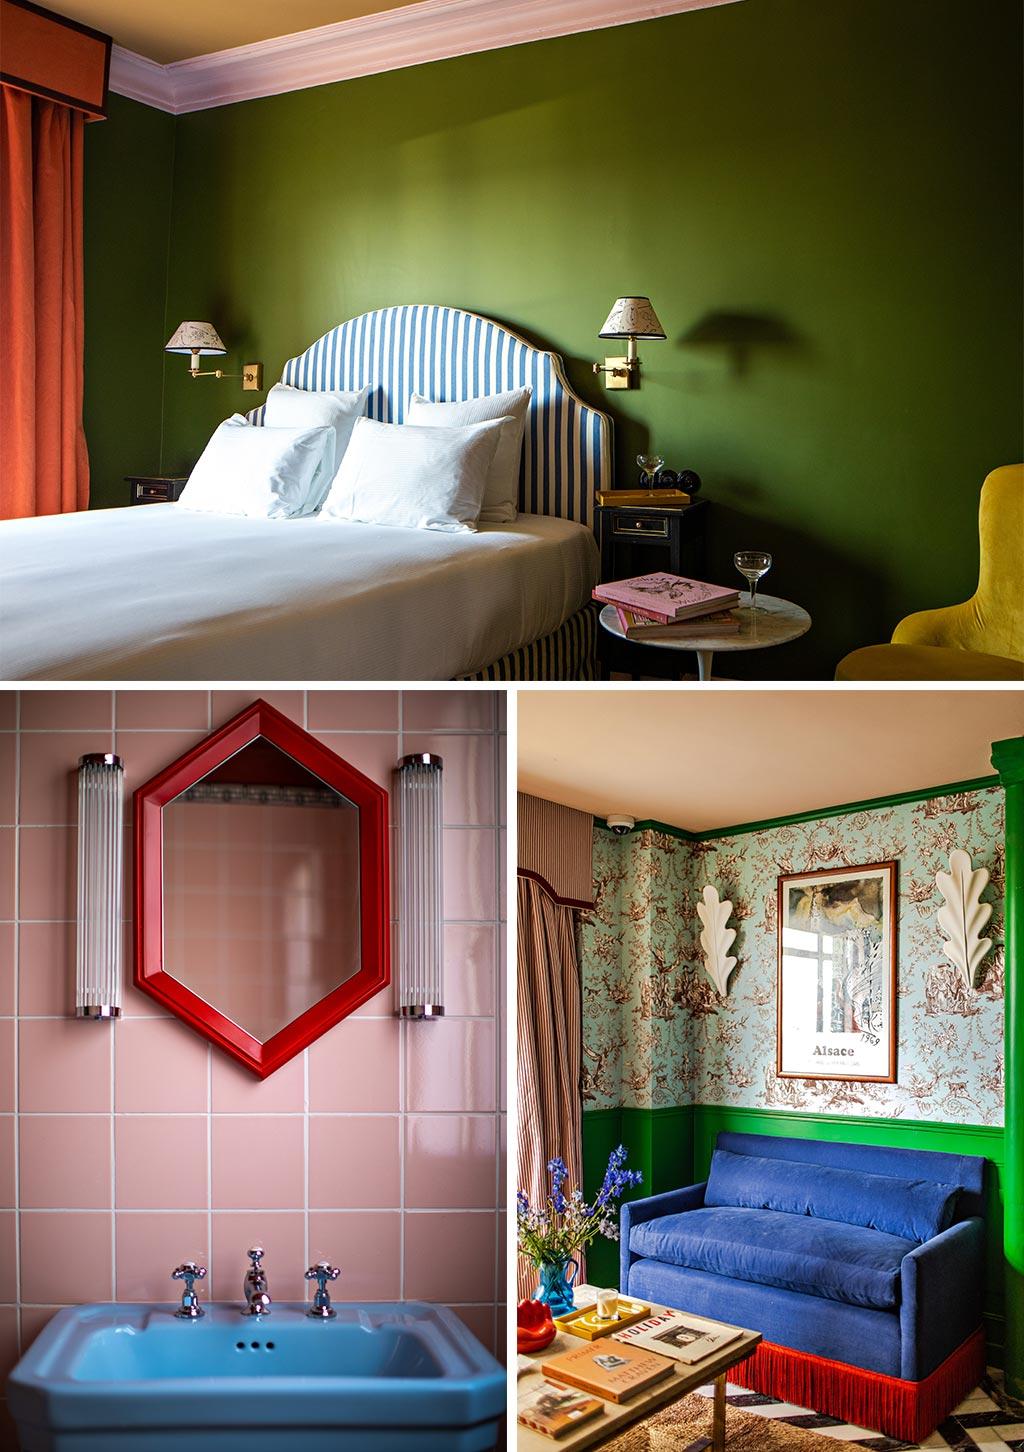 Der Passagier - hotel les deux gares - Paris